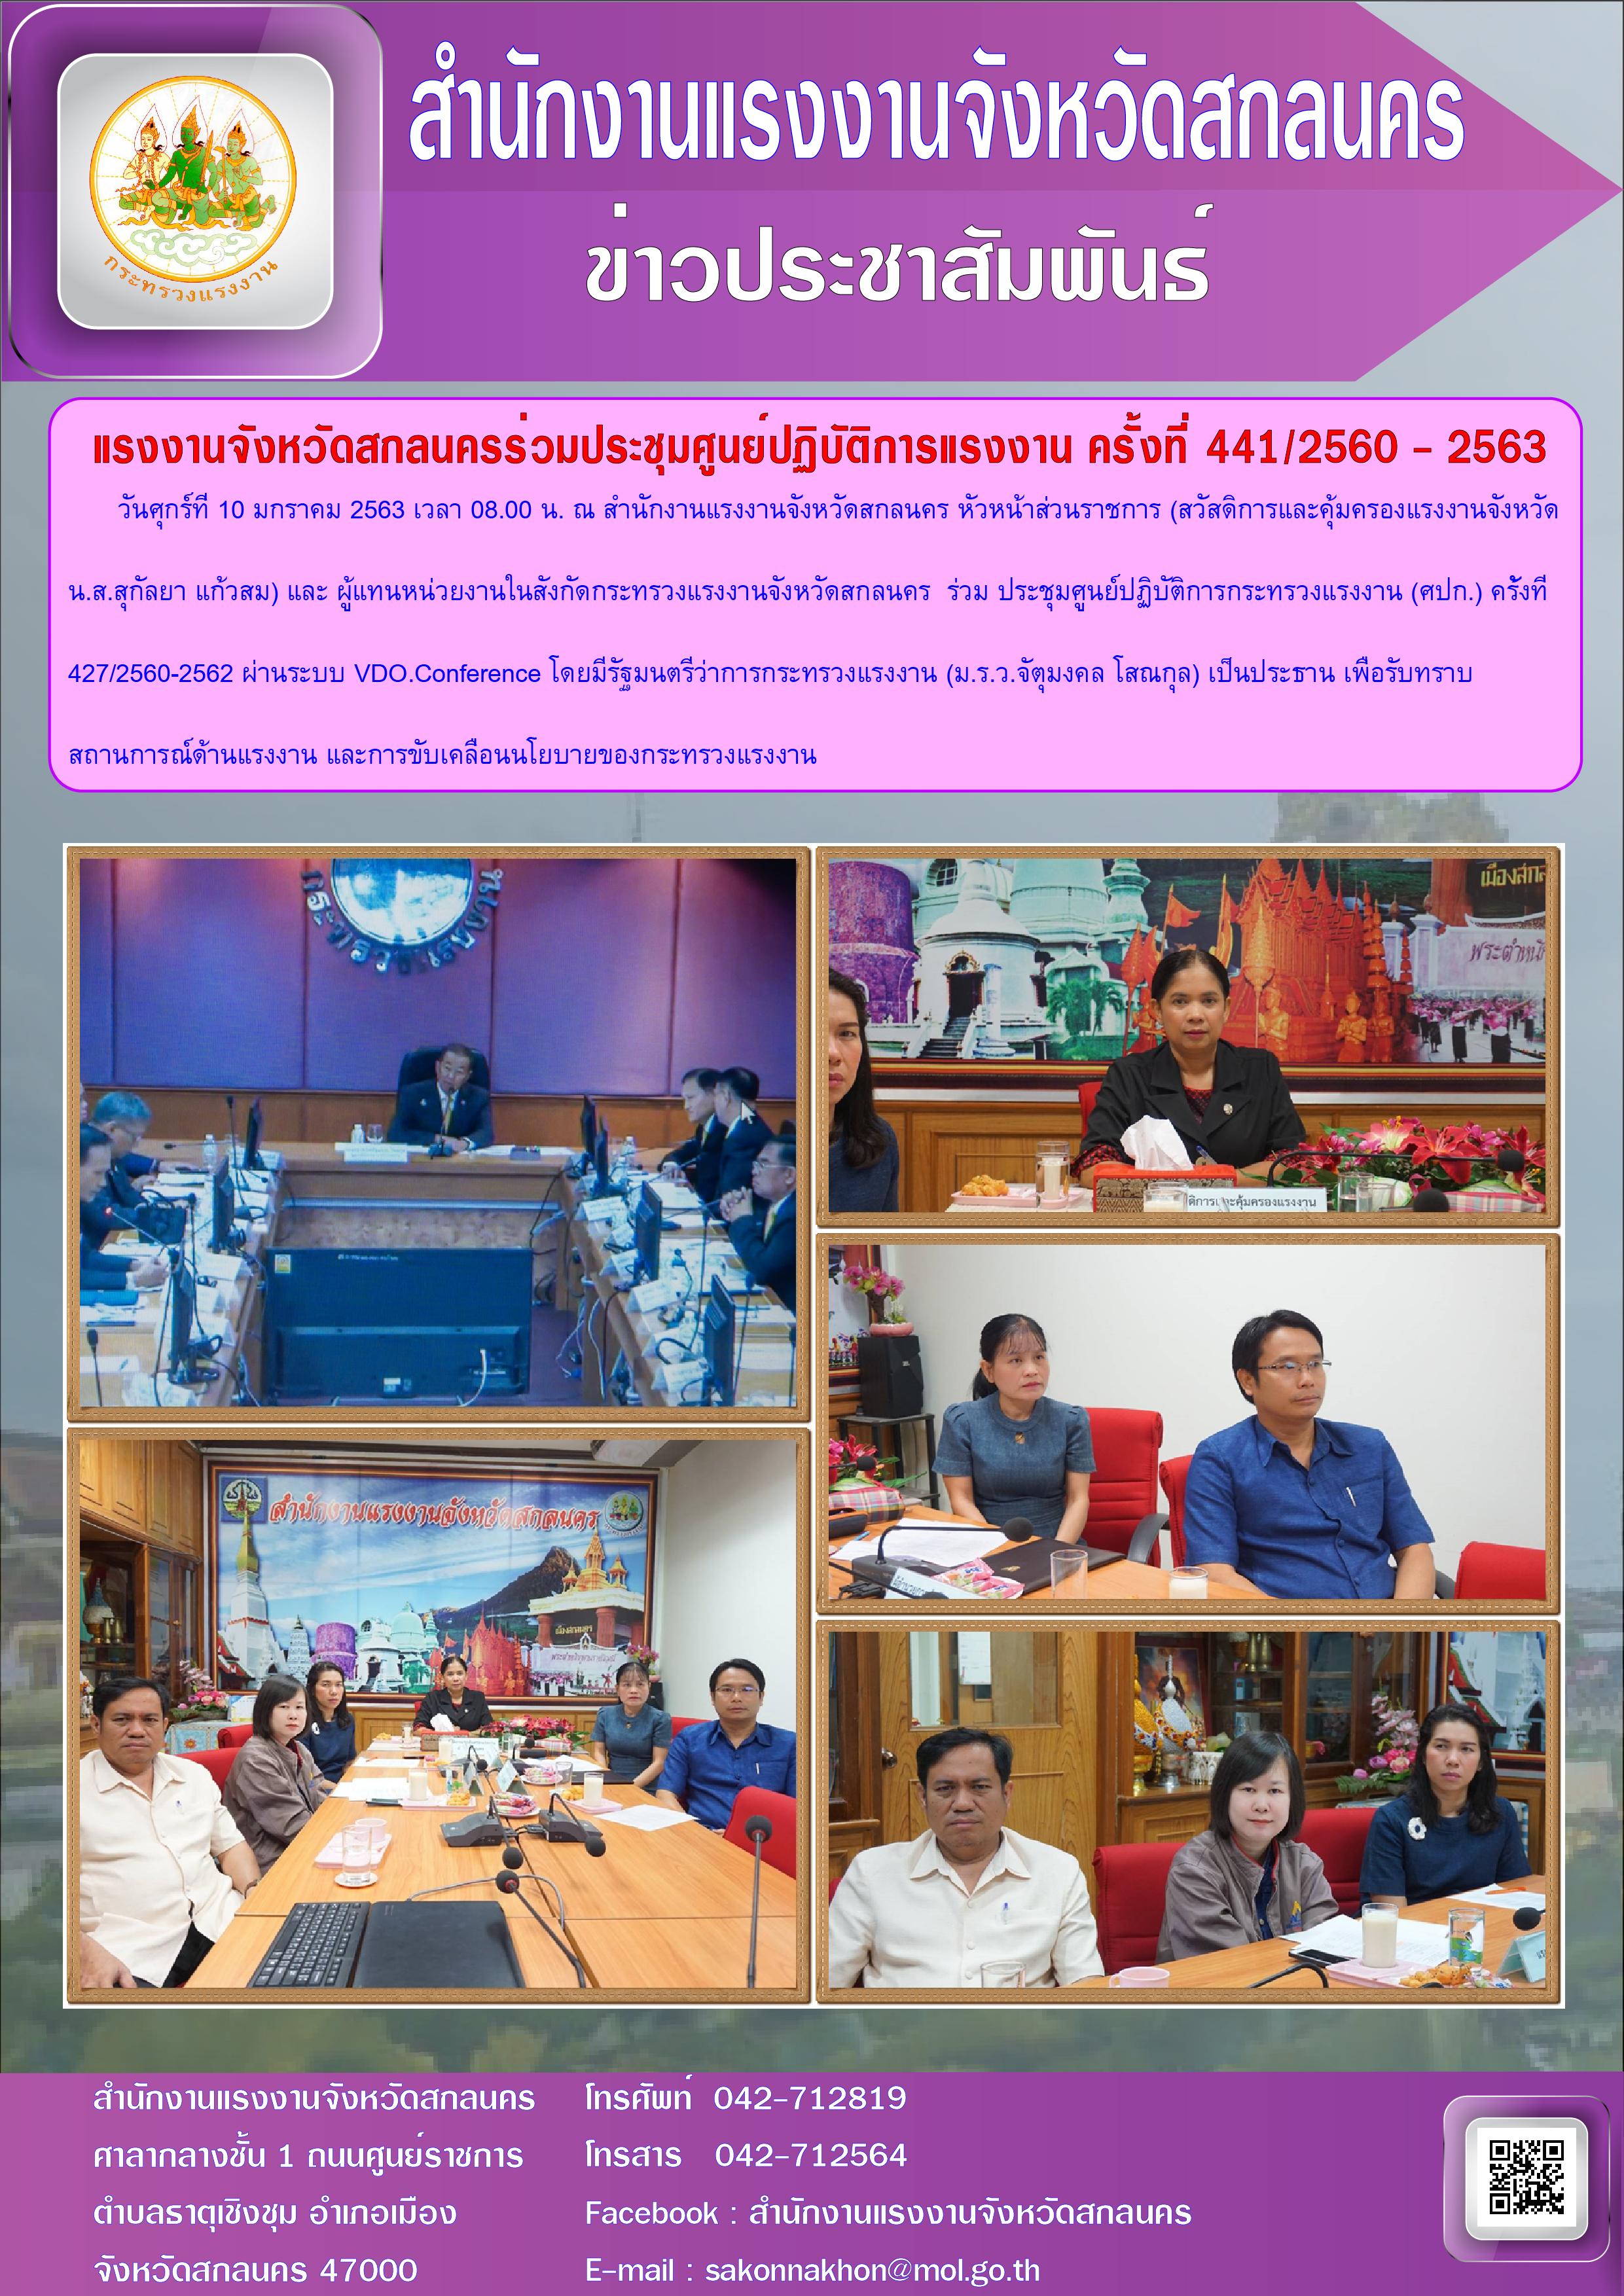 สำนักงานแรงงานจังหวัดสกลนครร่วมประชุมศูนย์ปฏิบัติการแรงงาน ครั้งที่ 441/2560 – 2563